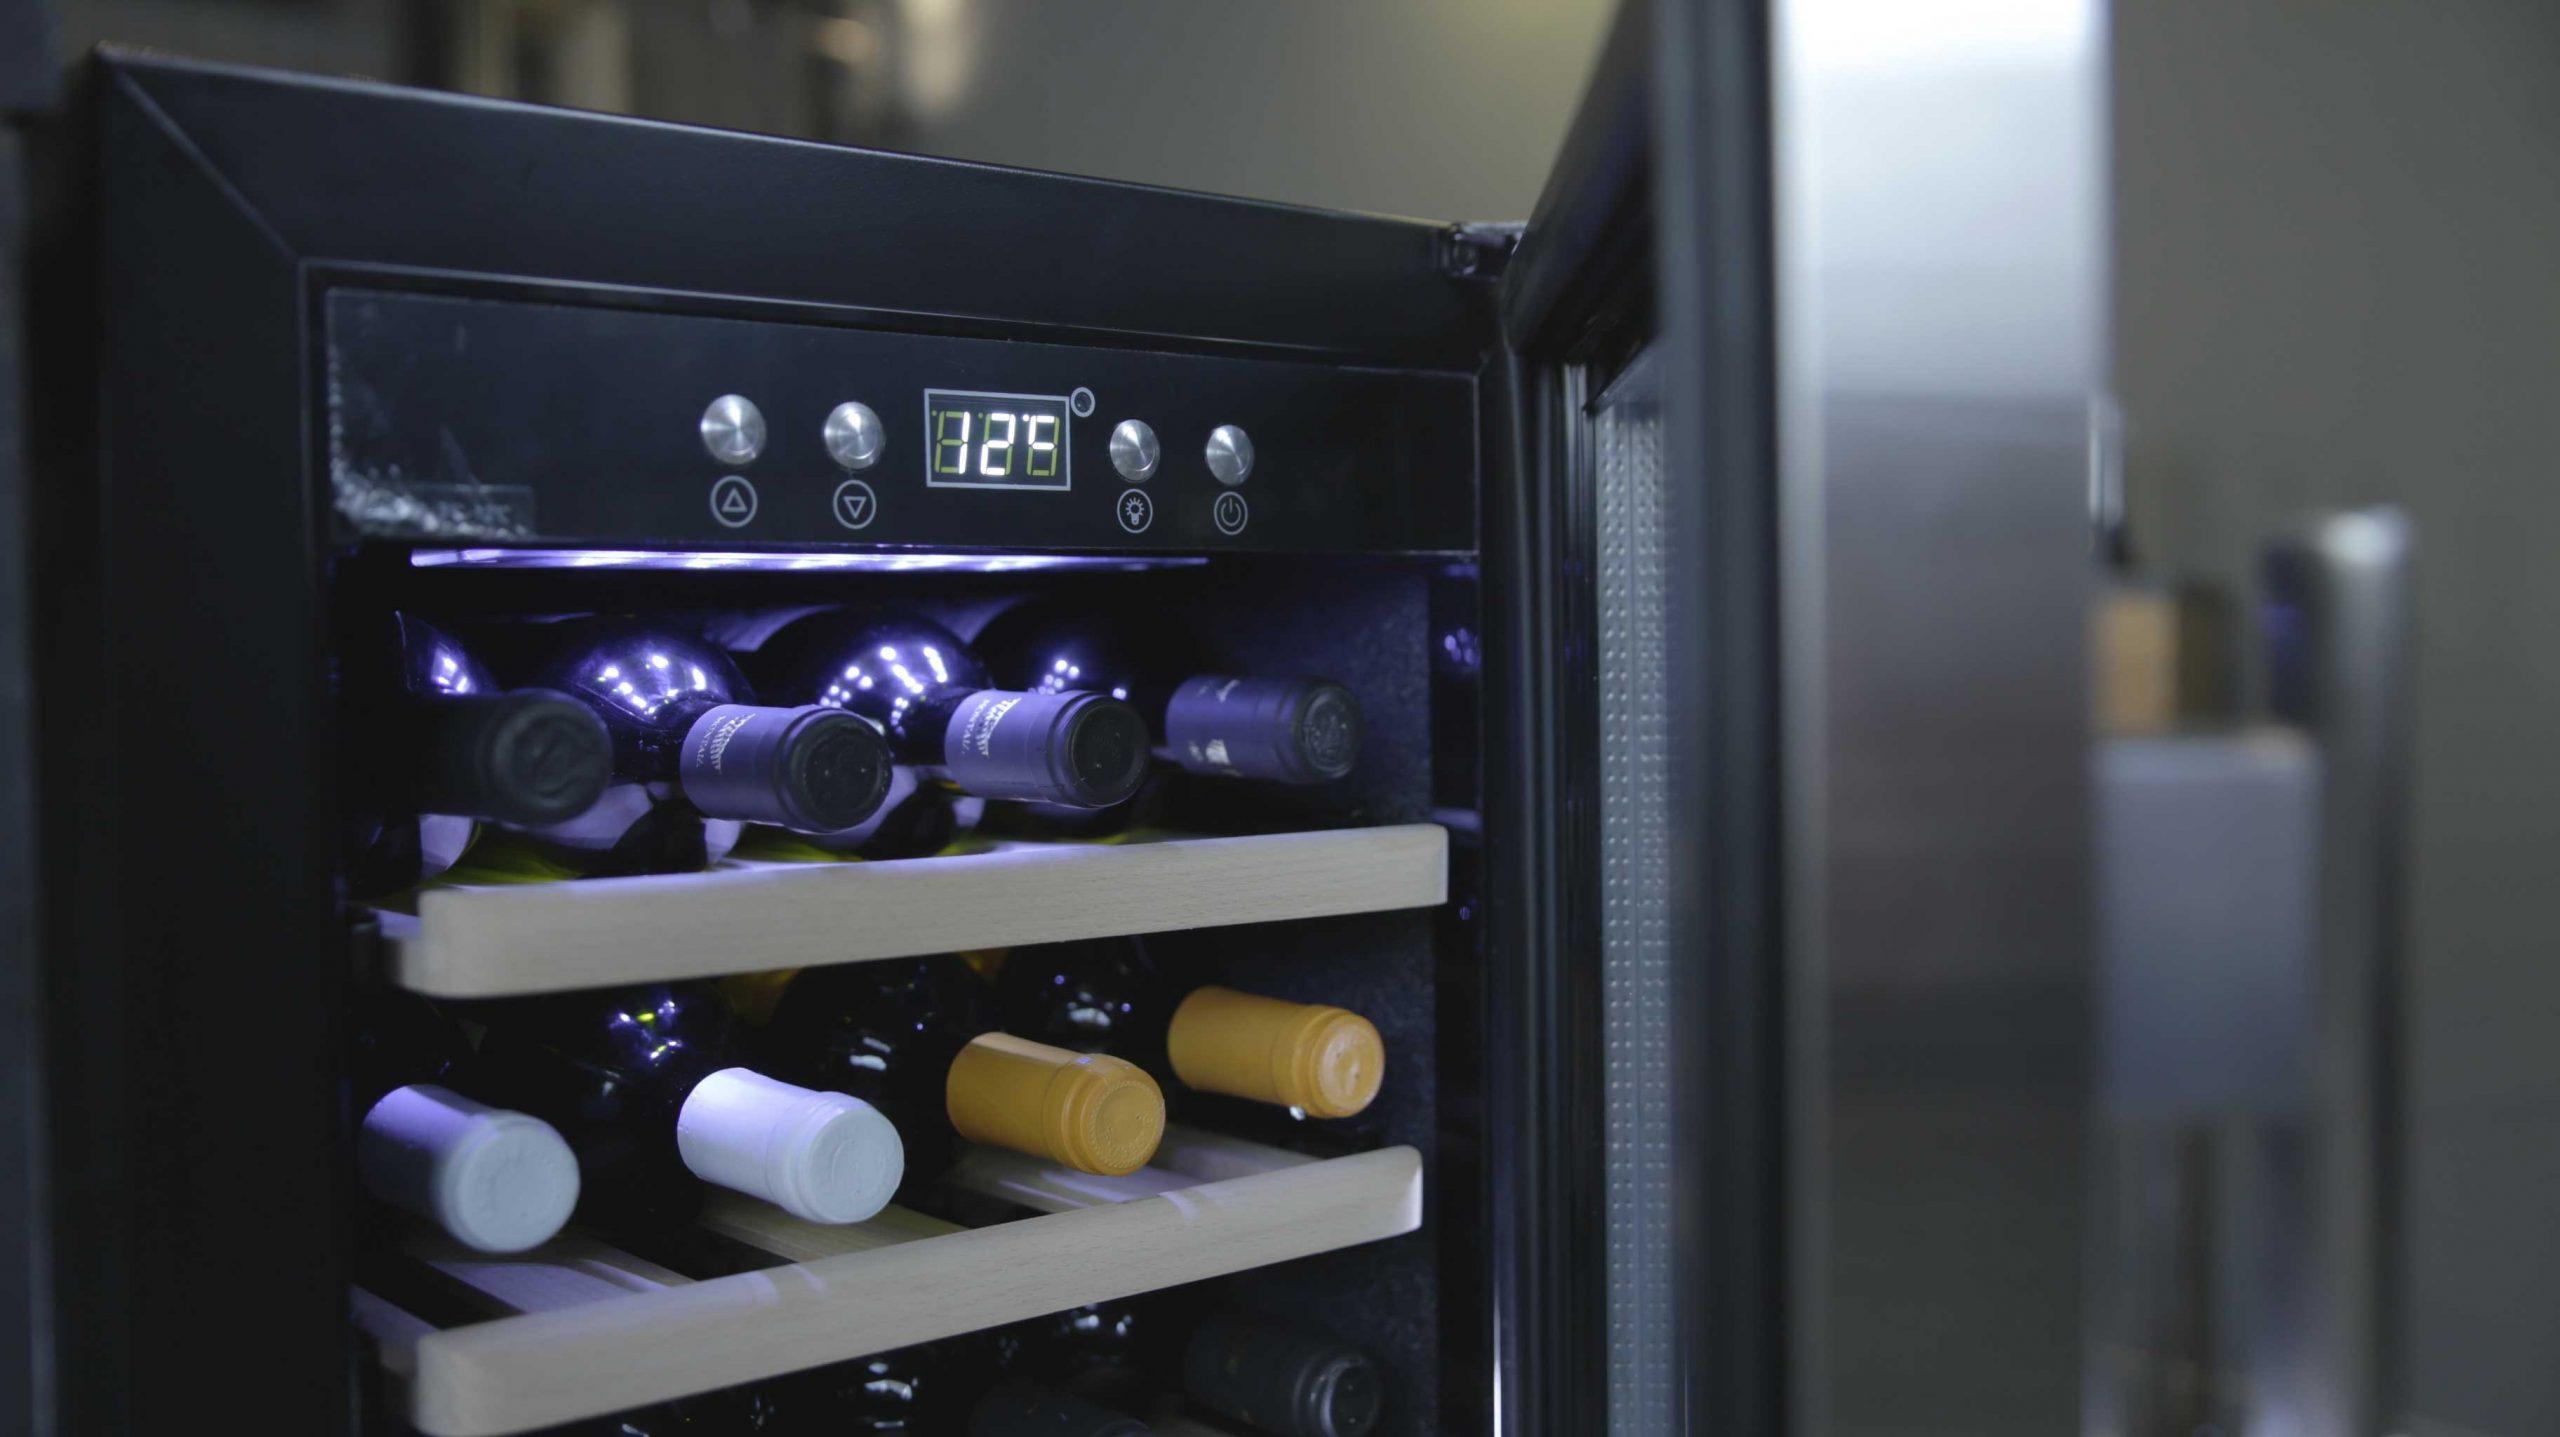 Wine cooler, 24 bottles, compressor